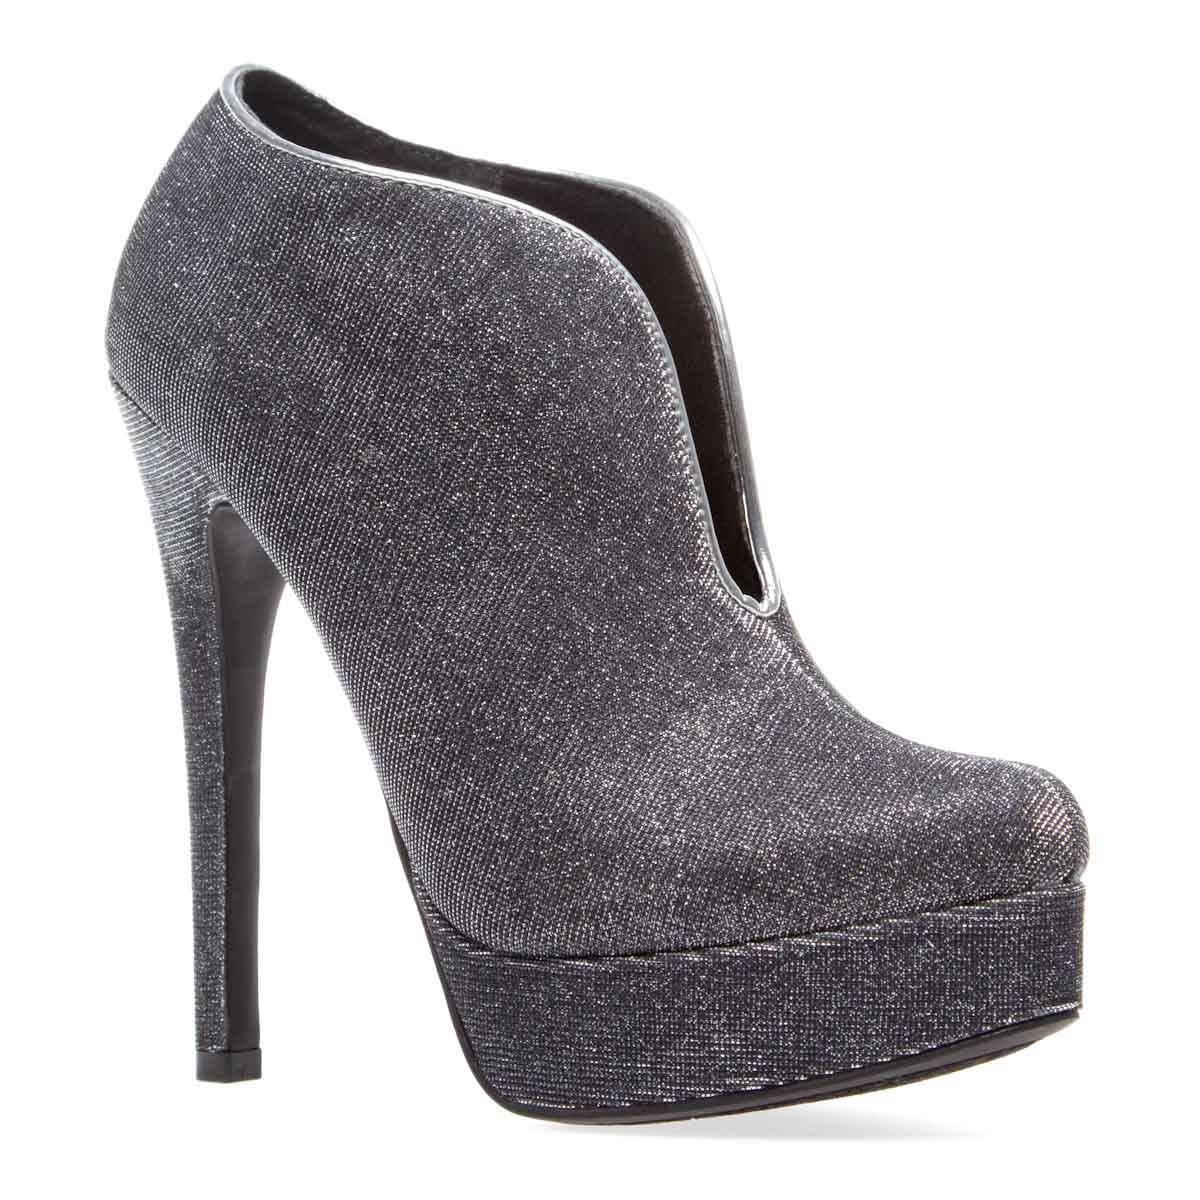 Lickety Split shoe